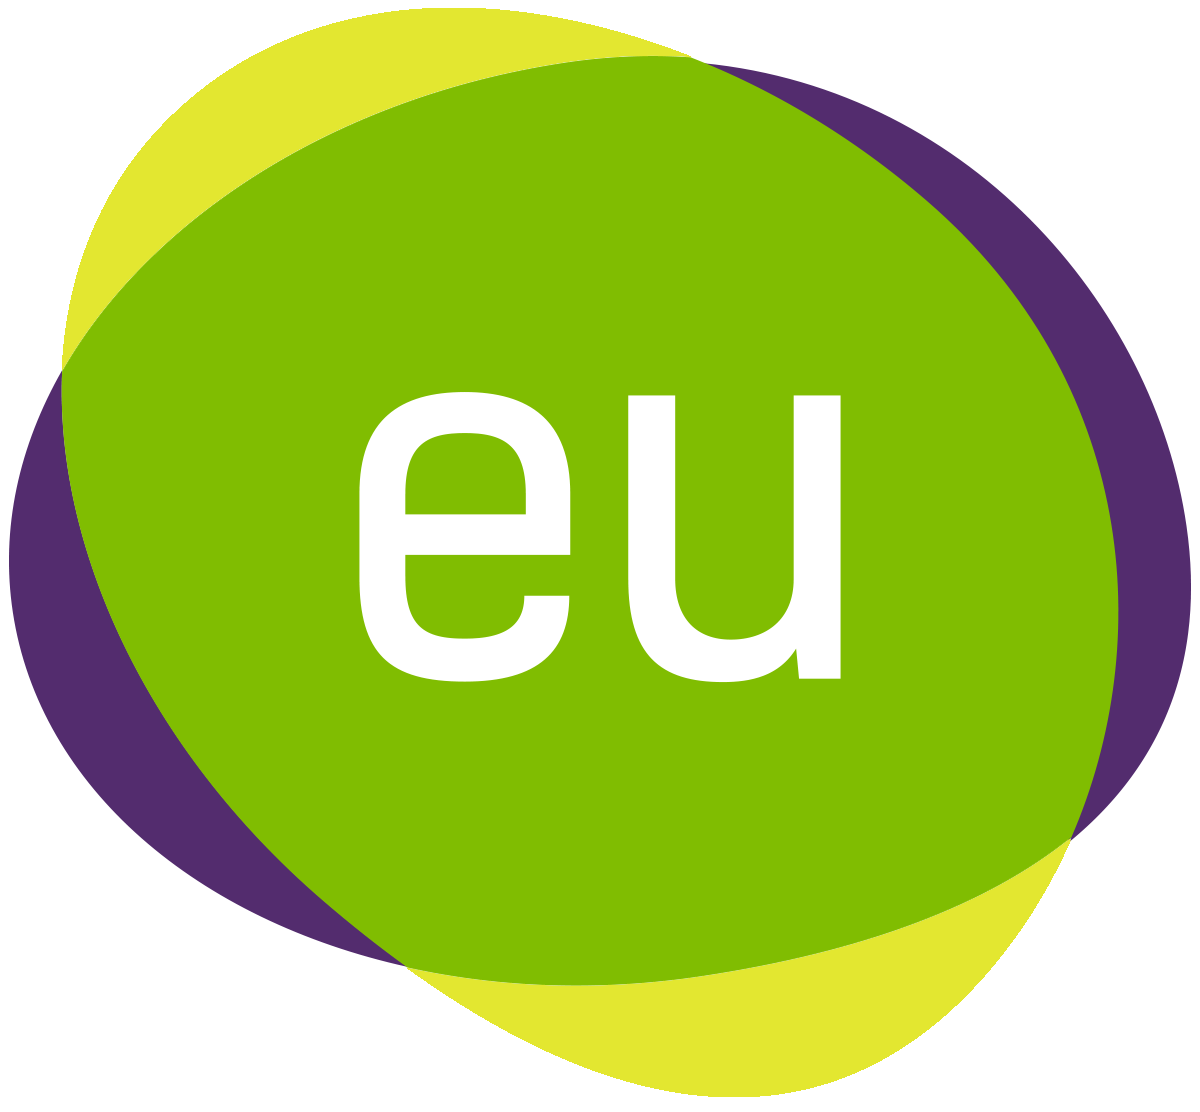 EU_symbol_clr_solid (2).png